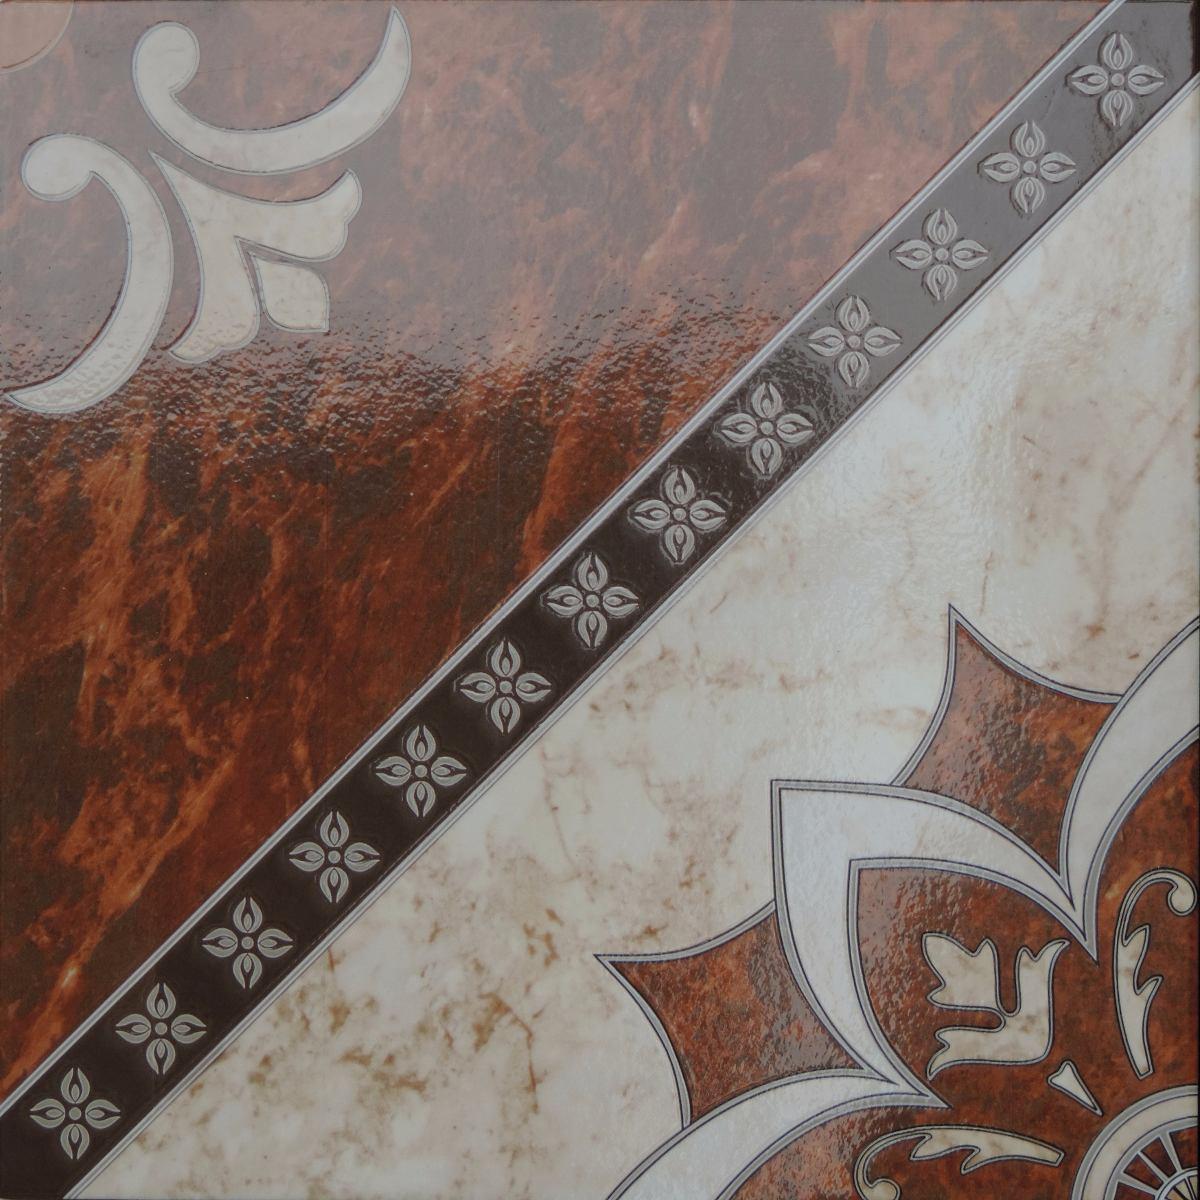 Cer mica piso pared calidad primera interiores for Paredes ceramica interiores